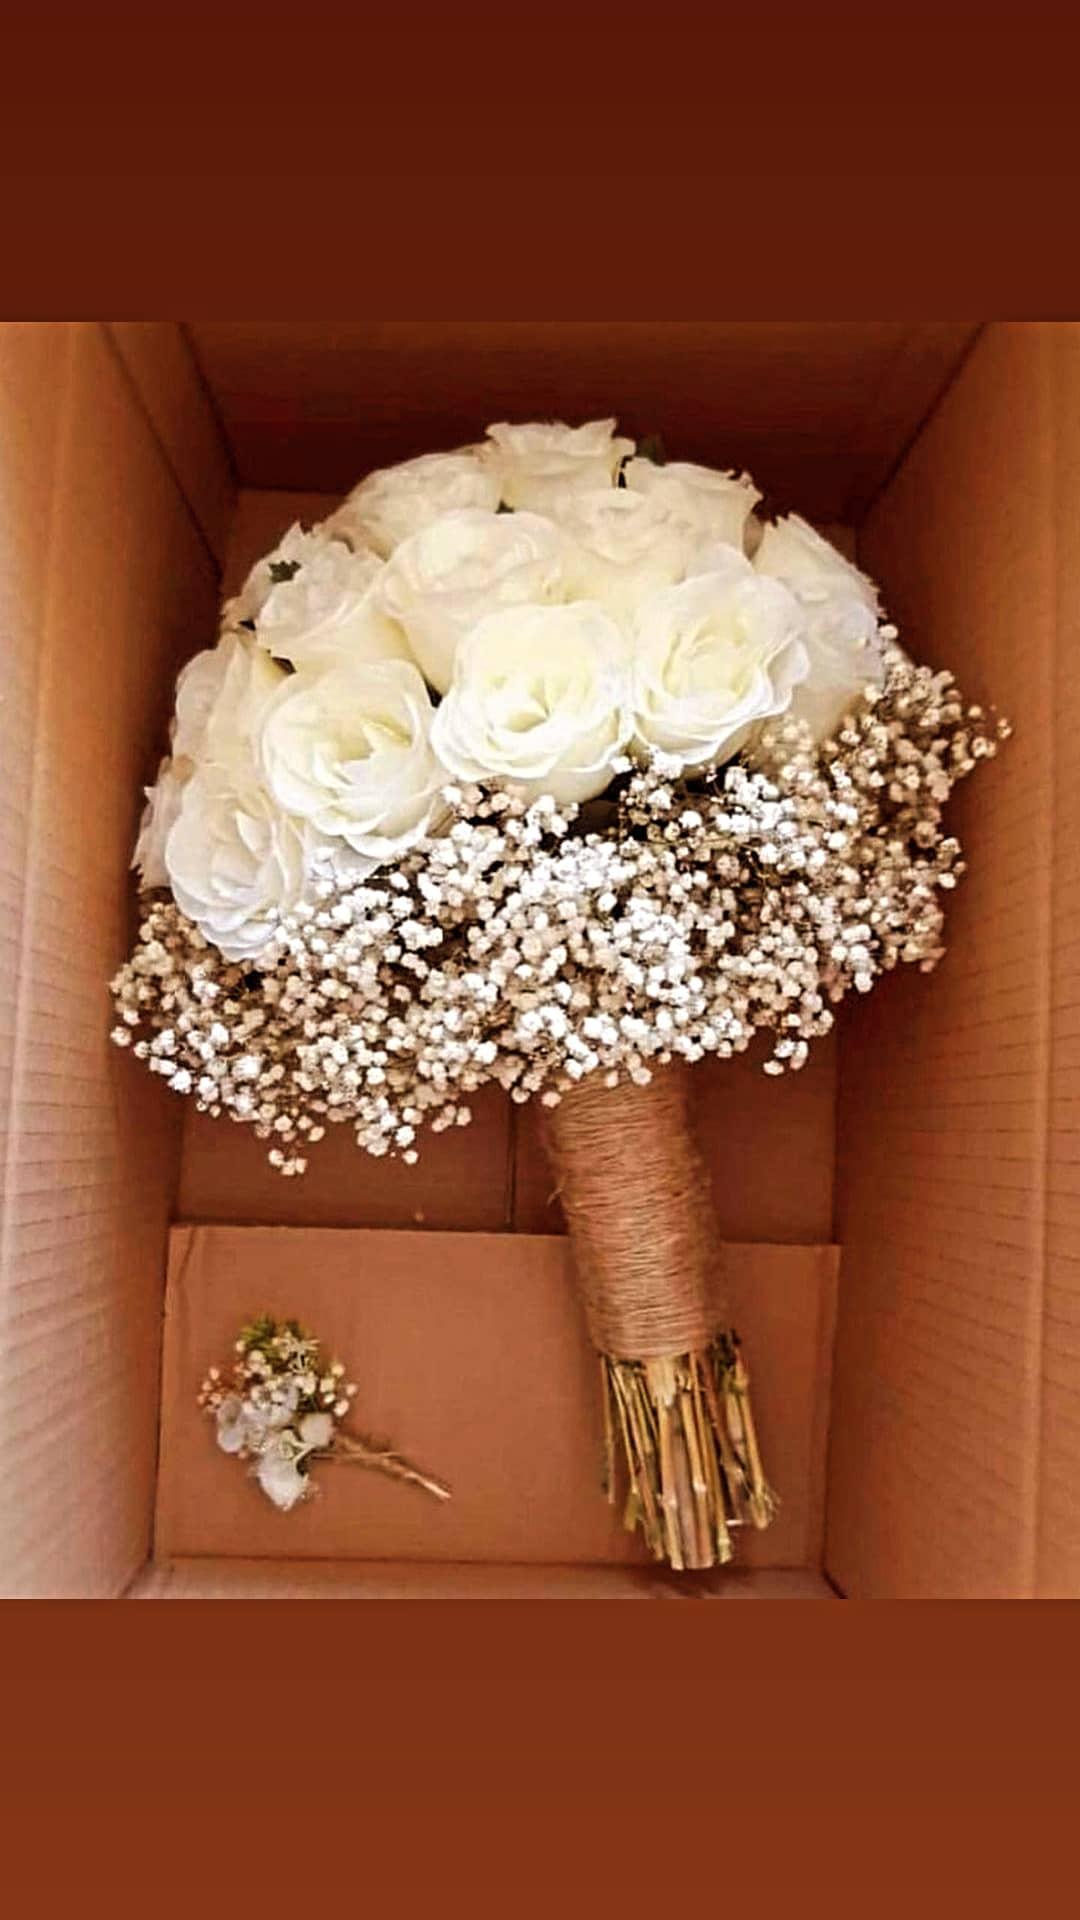 best bridal bouquet delivery lahore - SendFlowers.pk